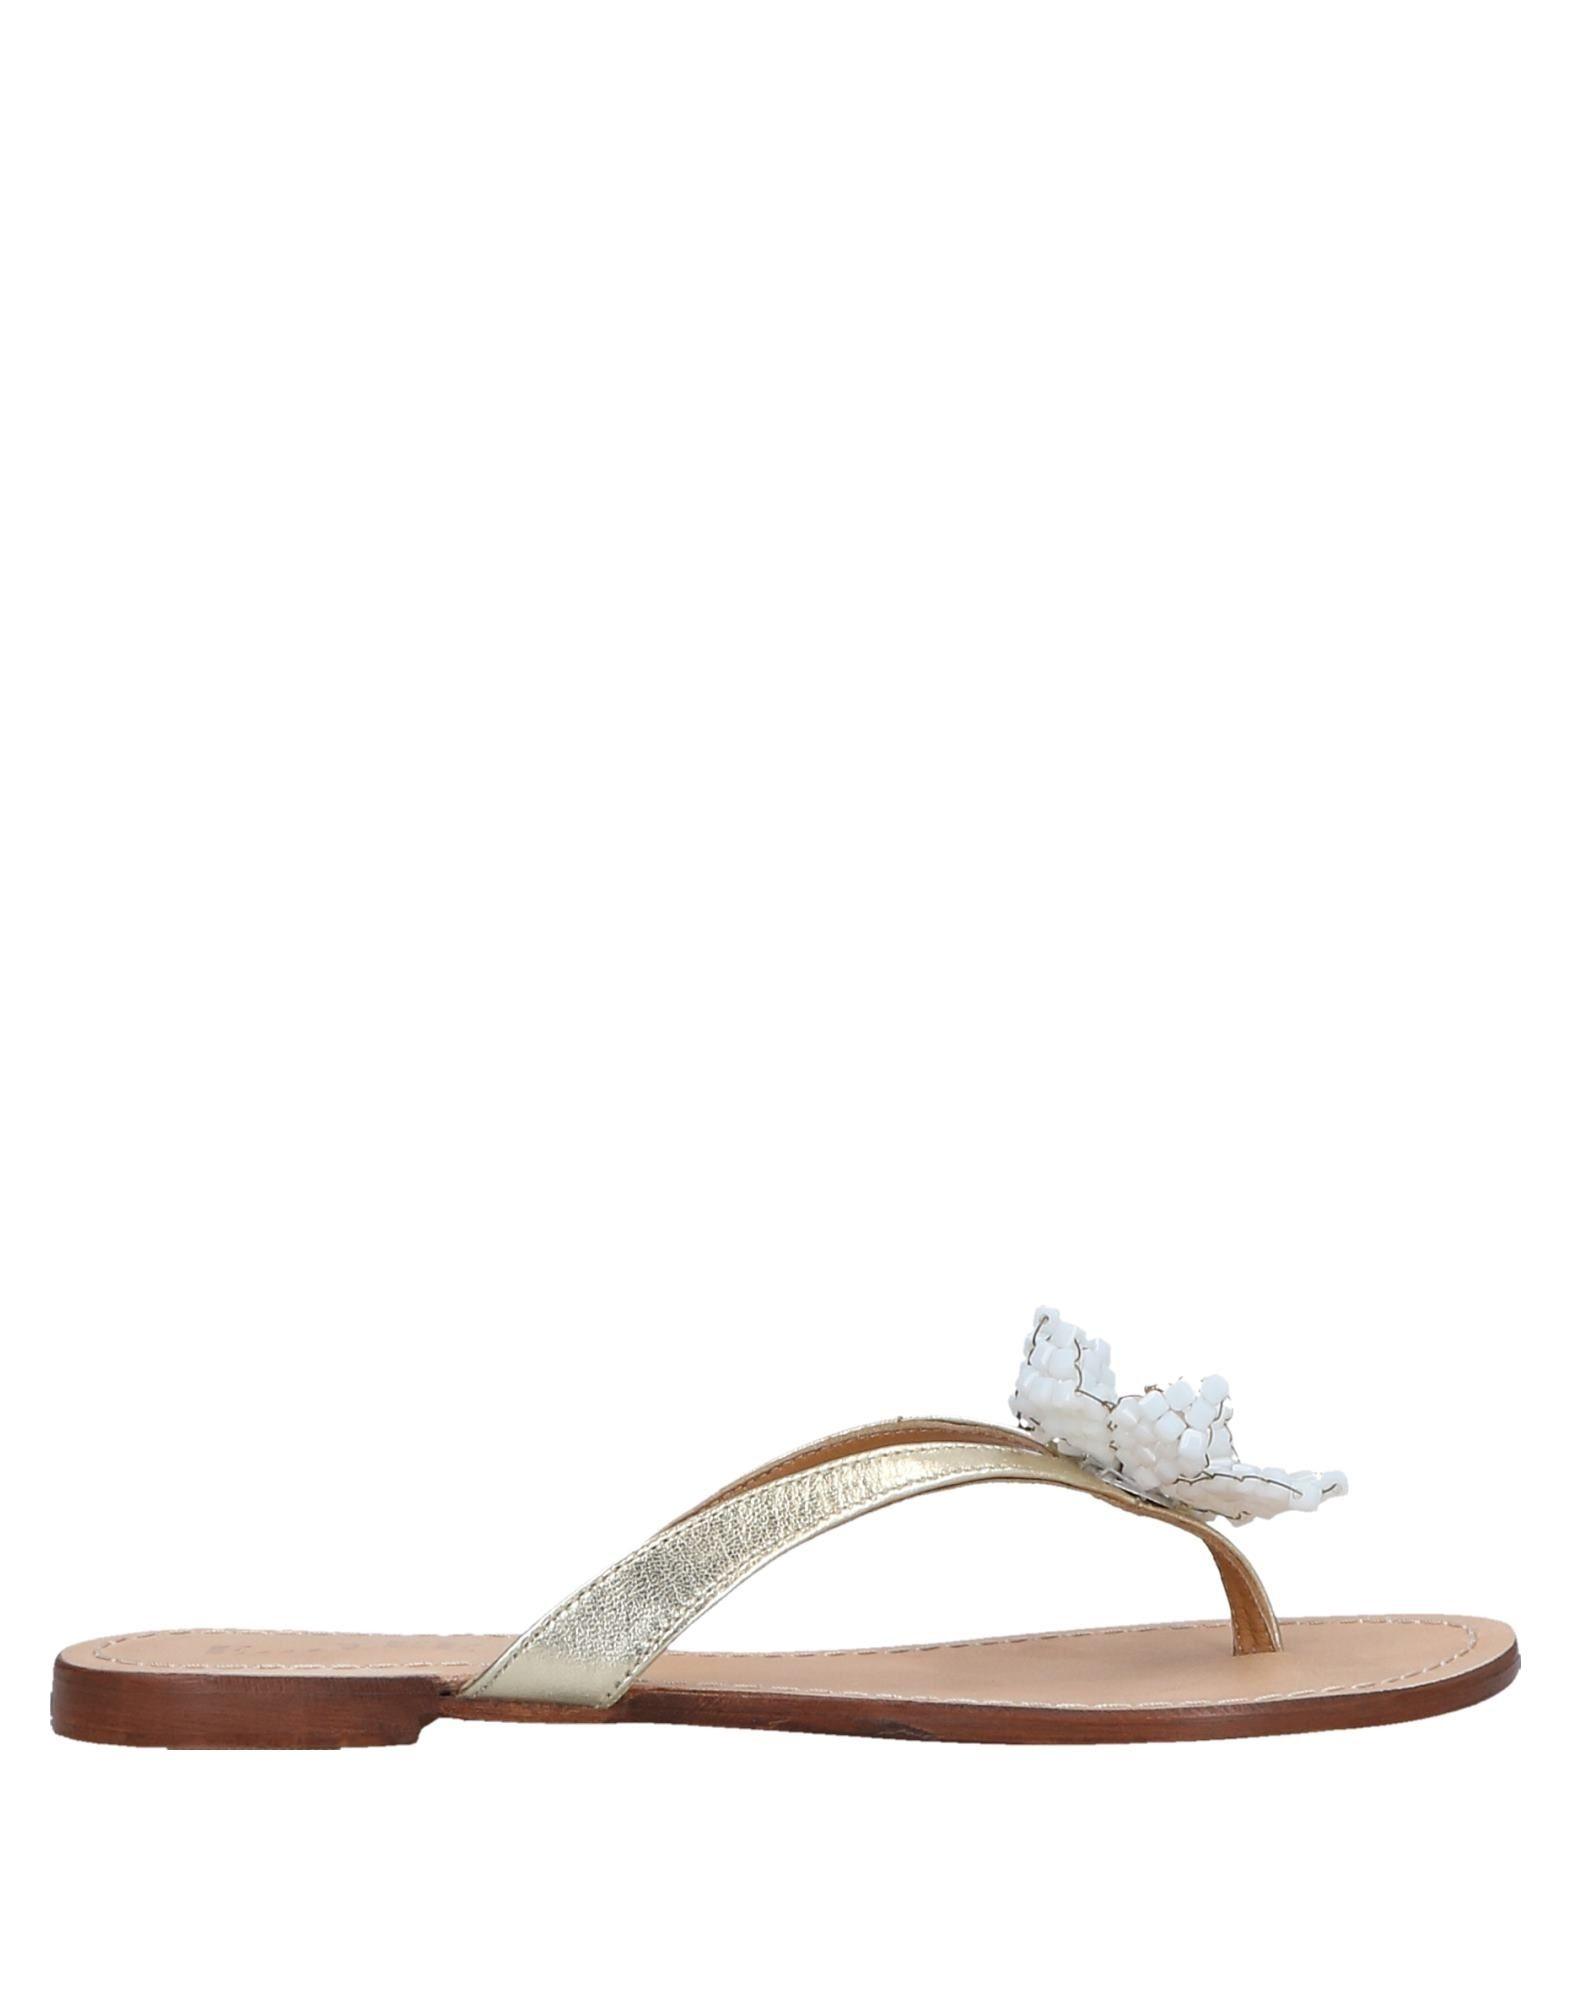 E...Vee Dianetten Damen  11521739BJ Gute Qualität beliebte Schuhe